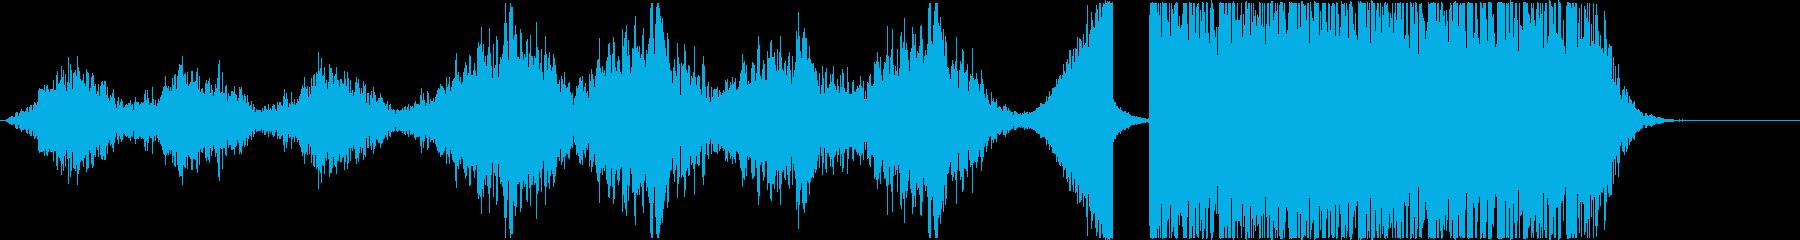 古いホラー風~打楽器◆予告編/トレーラーの再生済みの波形